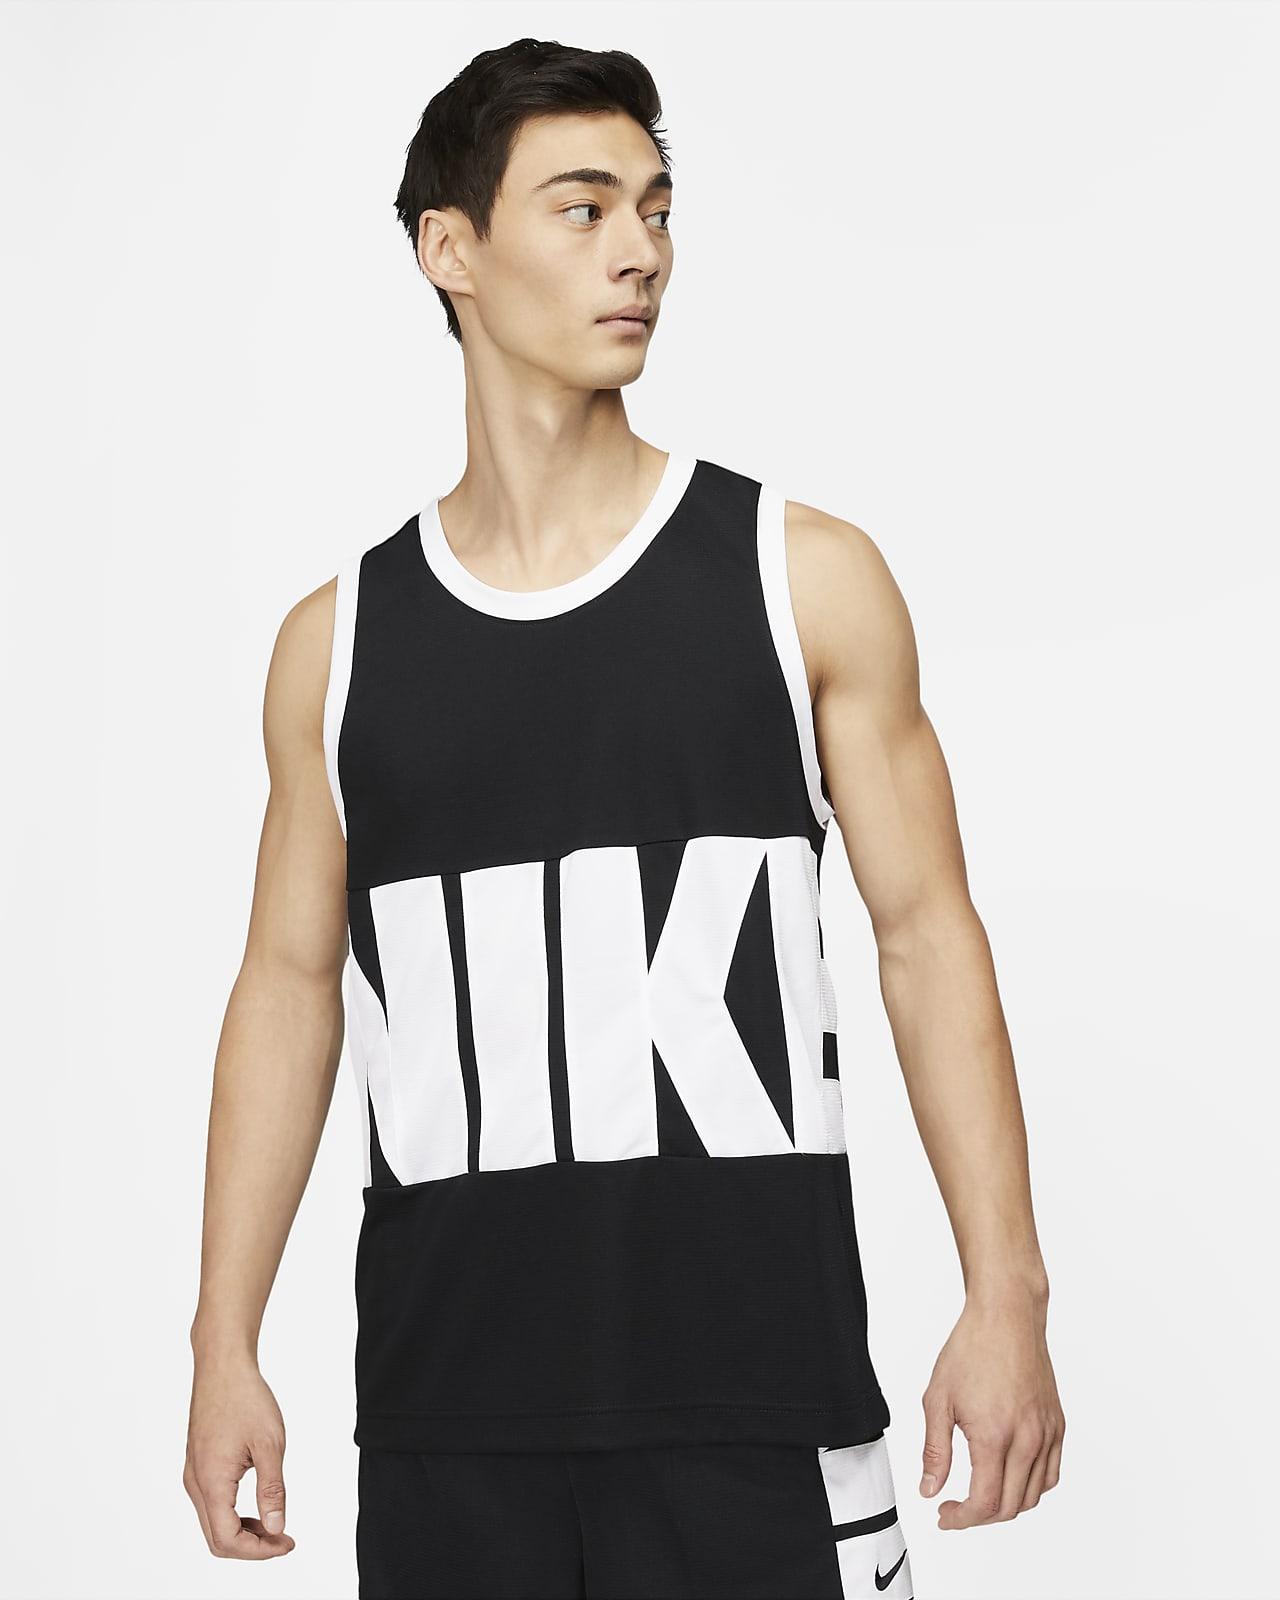 เสื้อแข่งบาสเก็ตบอลผู้ชาย Nike Dri-FIT